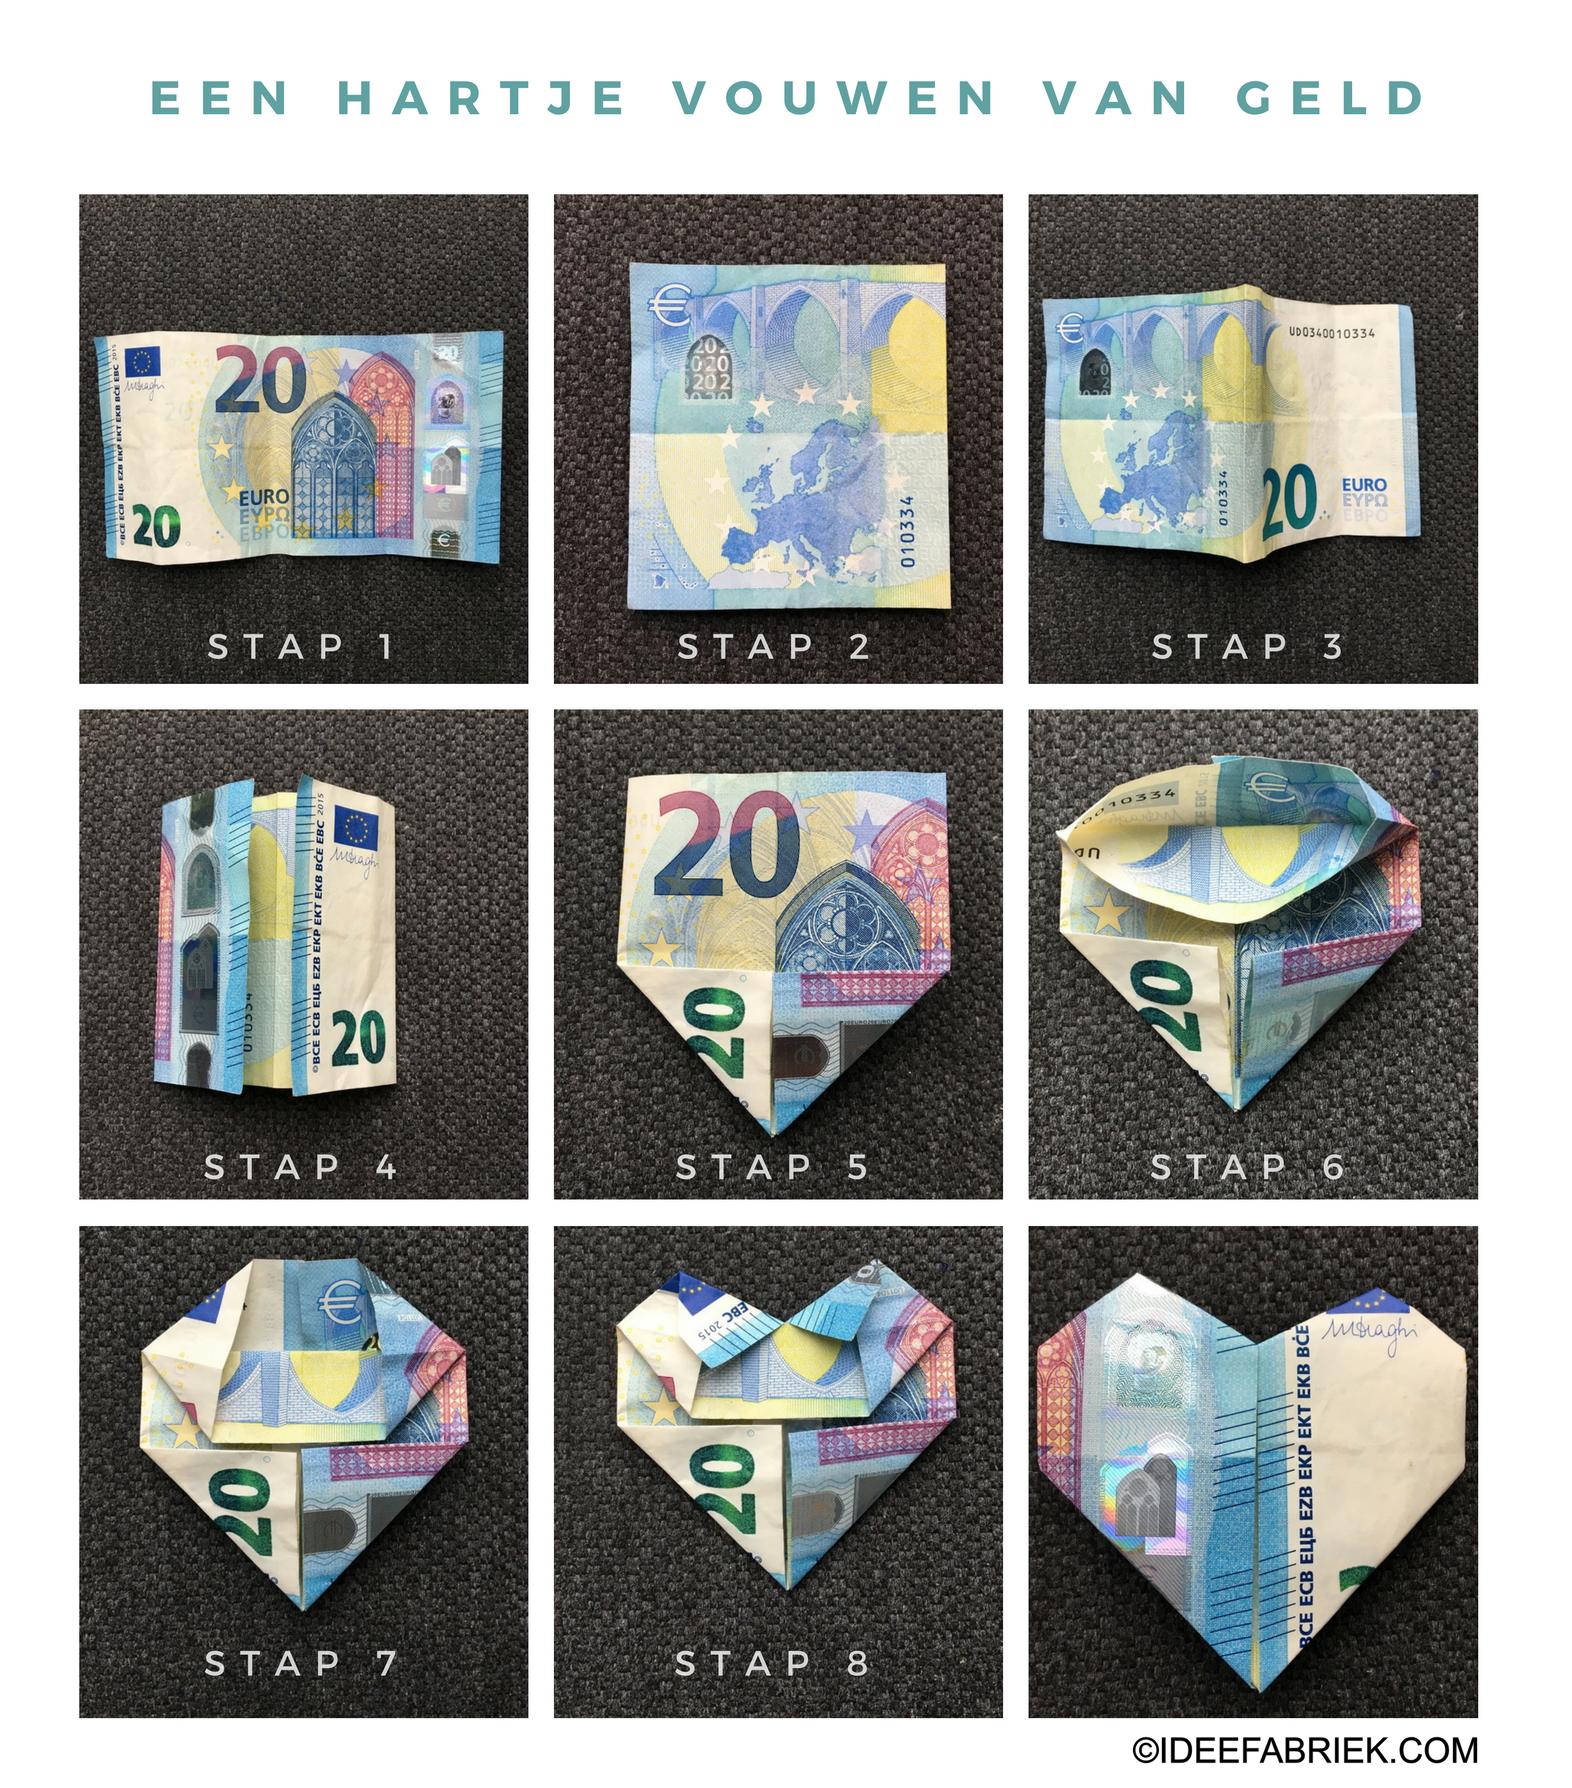 Geld Geven Als Cadeautje Saai Niet Met Deze Vijf Ideeën